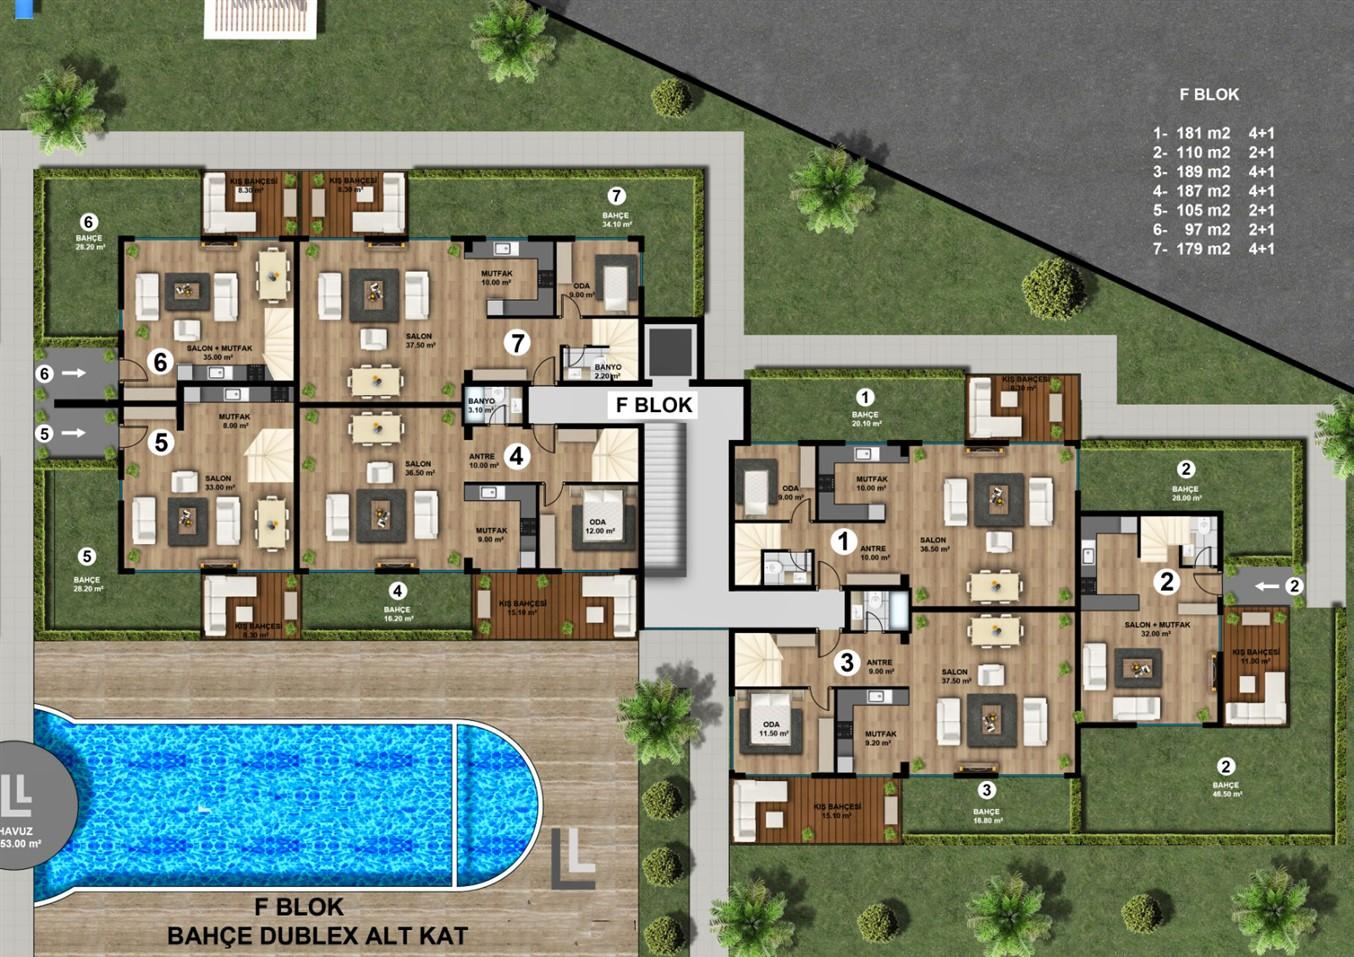 Роскошные квартиры в новом жилом комплексе с инфраструктурой - Фото 16